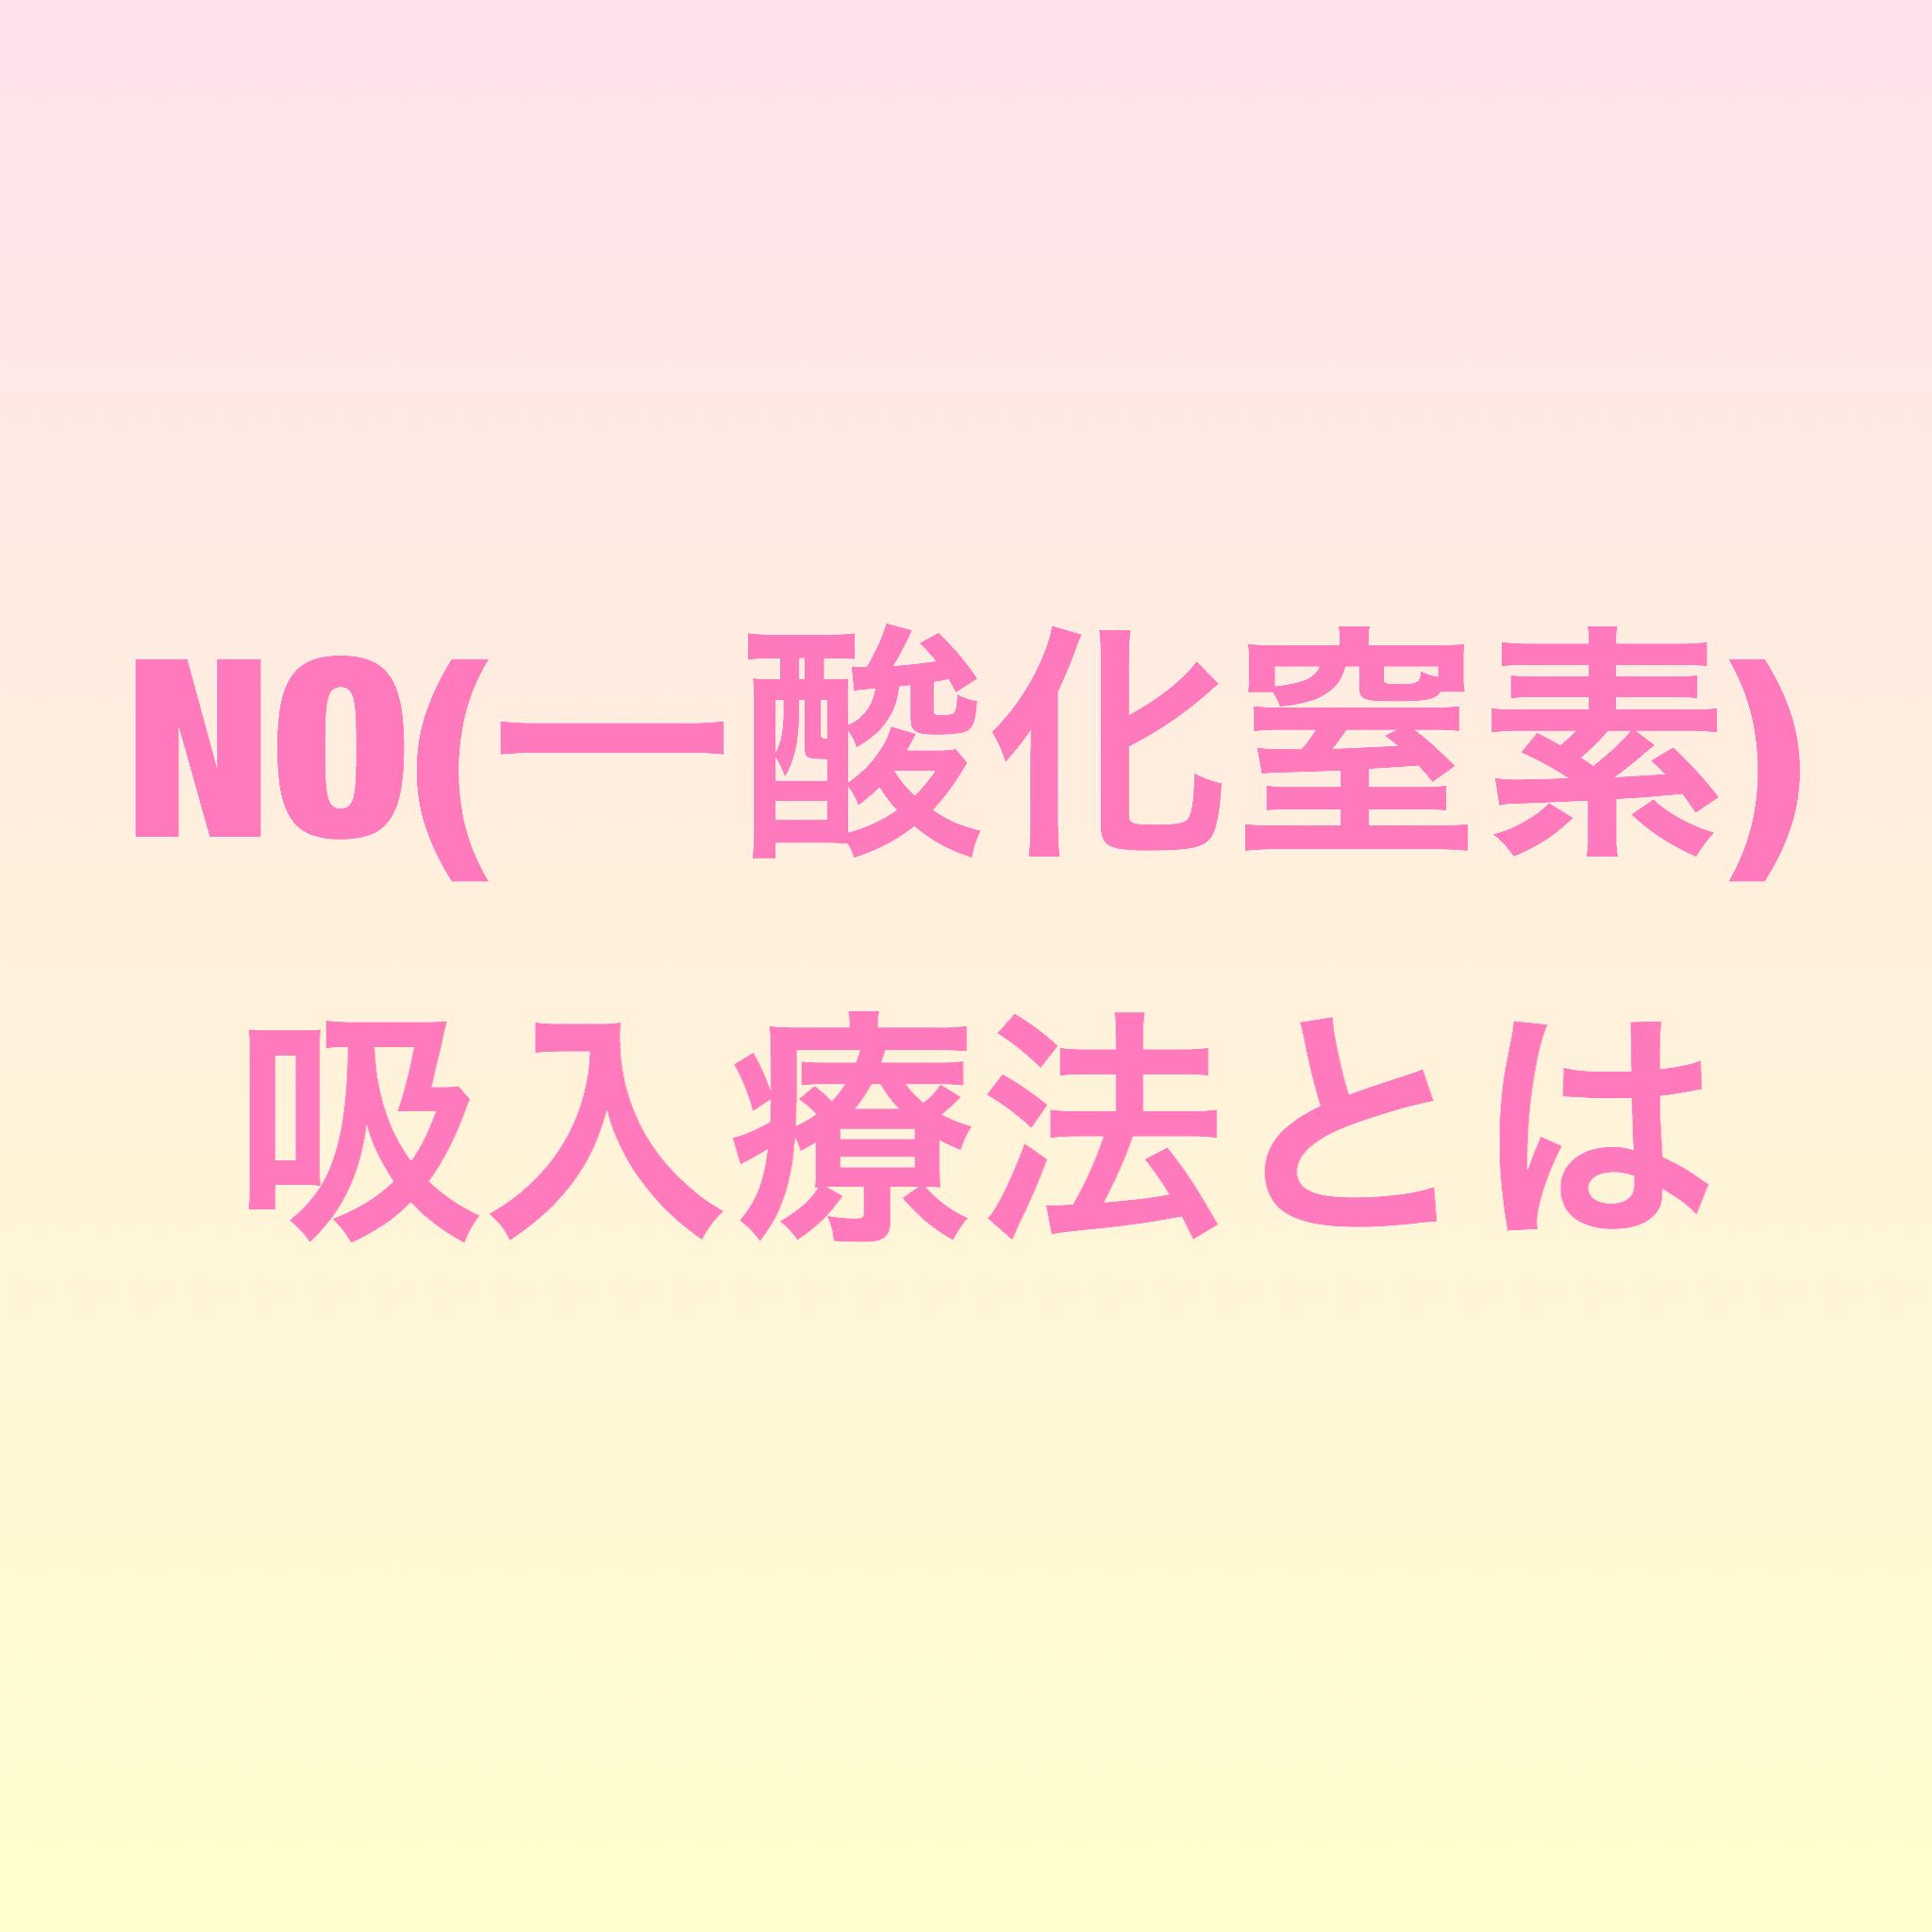 肺高血圧症に有効なNO(一酸化窒素)吸入療法 メカニズムと注意点